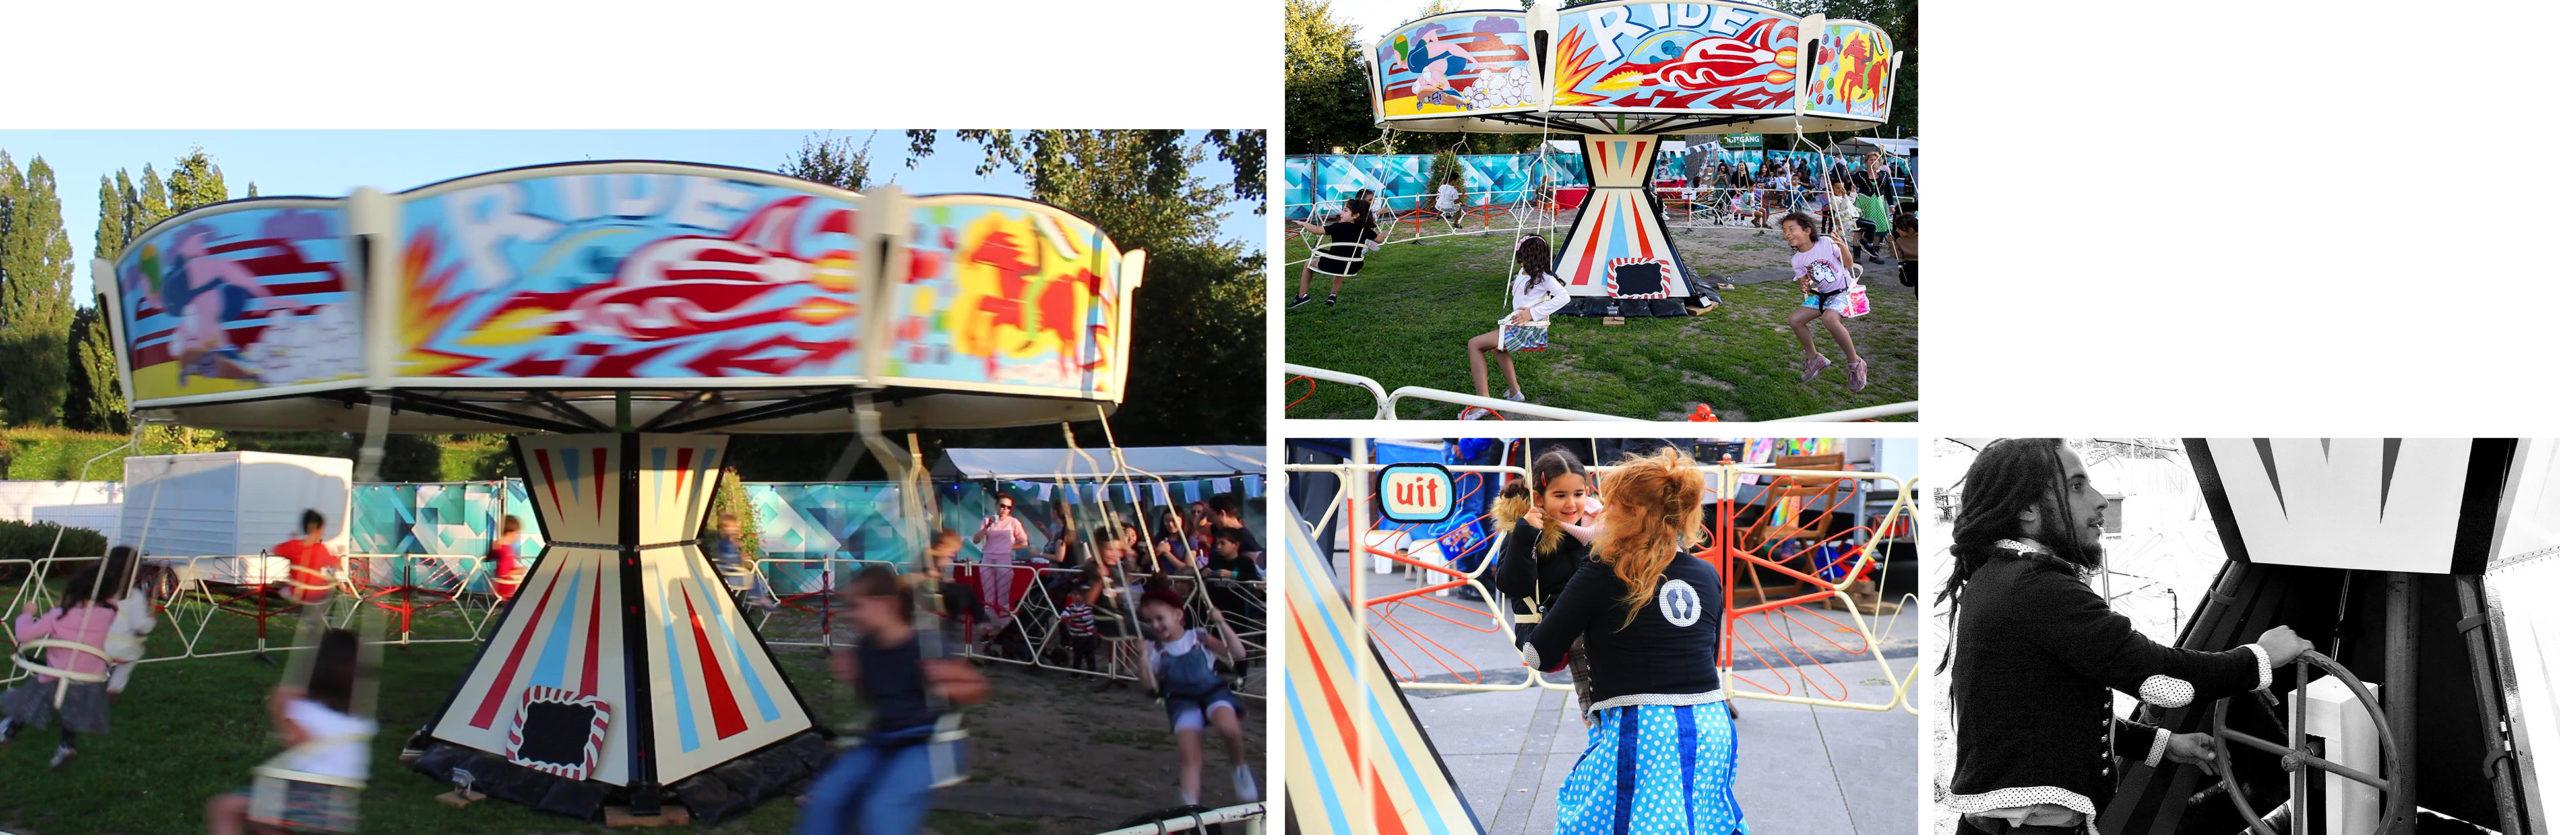 Kinder-zweefmolen, zweefmolen, zweefmolenverhuur, draaimolen, kinderfeesten, attracties, straatspeeldag. kinderfeest, kinderfeestje organiseren, Govers Evenementen, www.goversartiesten.nl